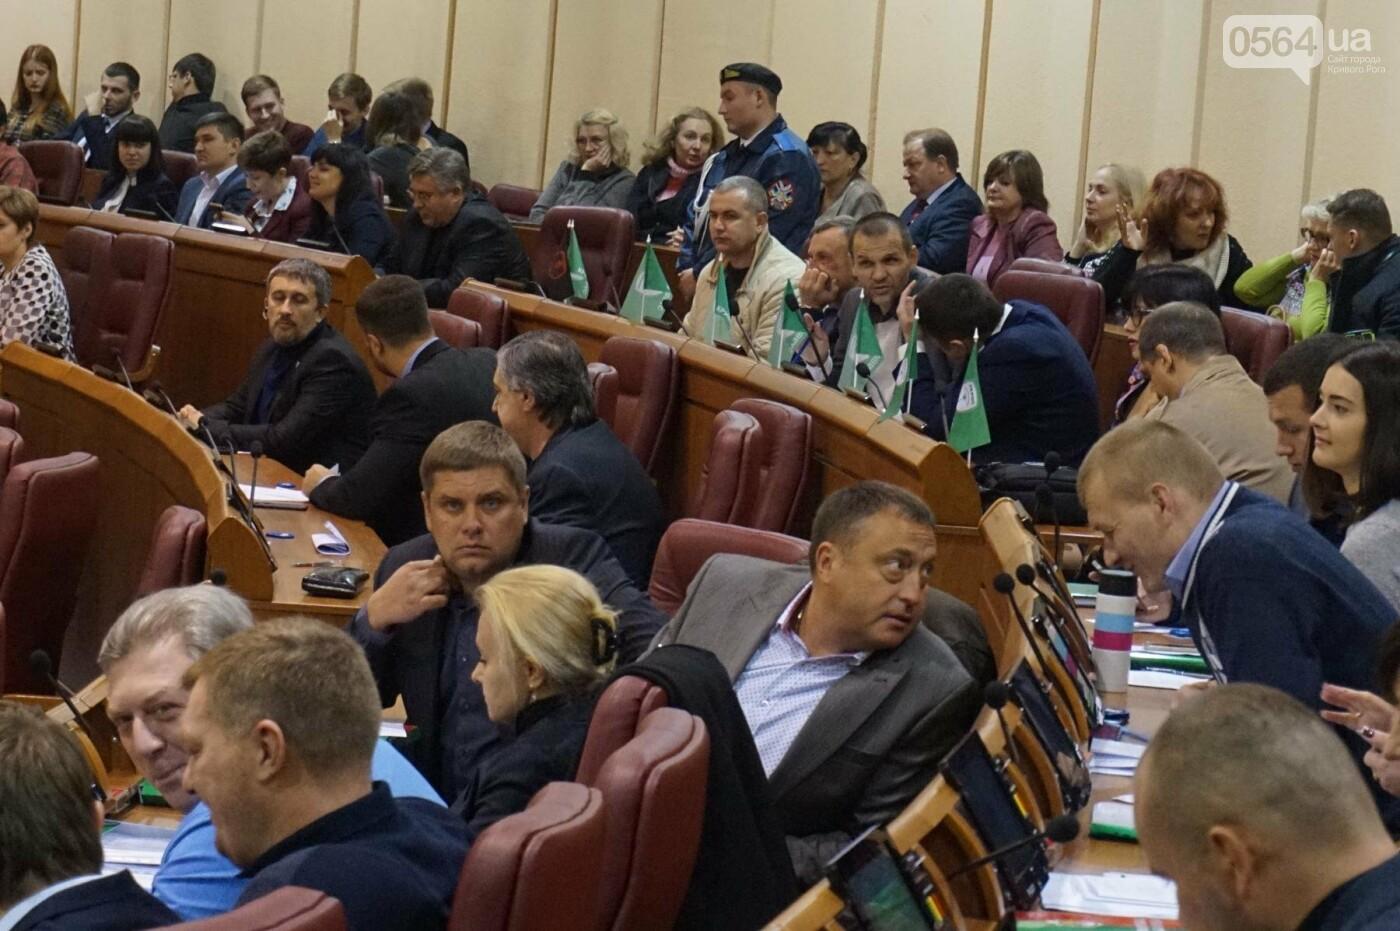 В Кривом Роге началась сессия. Впервые после обысков появилась Ольга Бабенко (ФОТО), фото-6